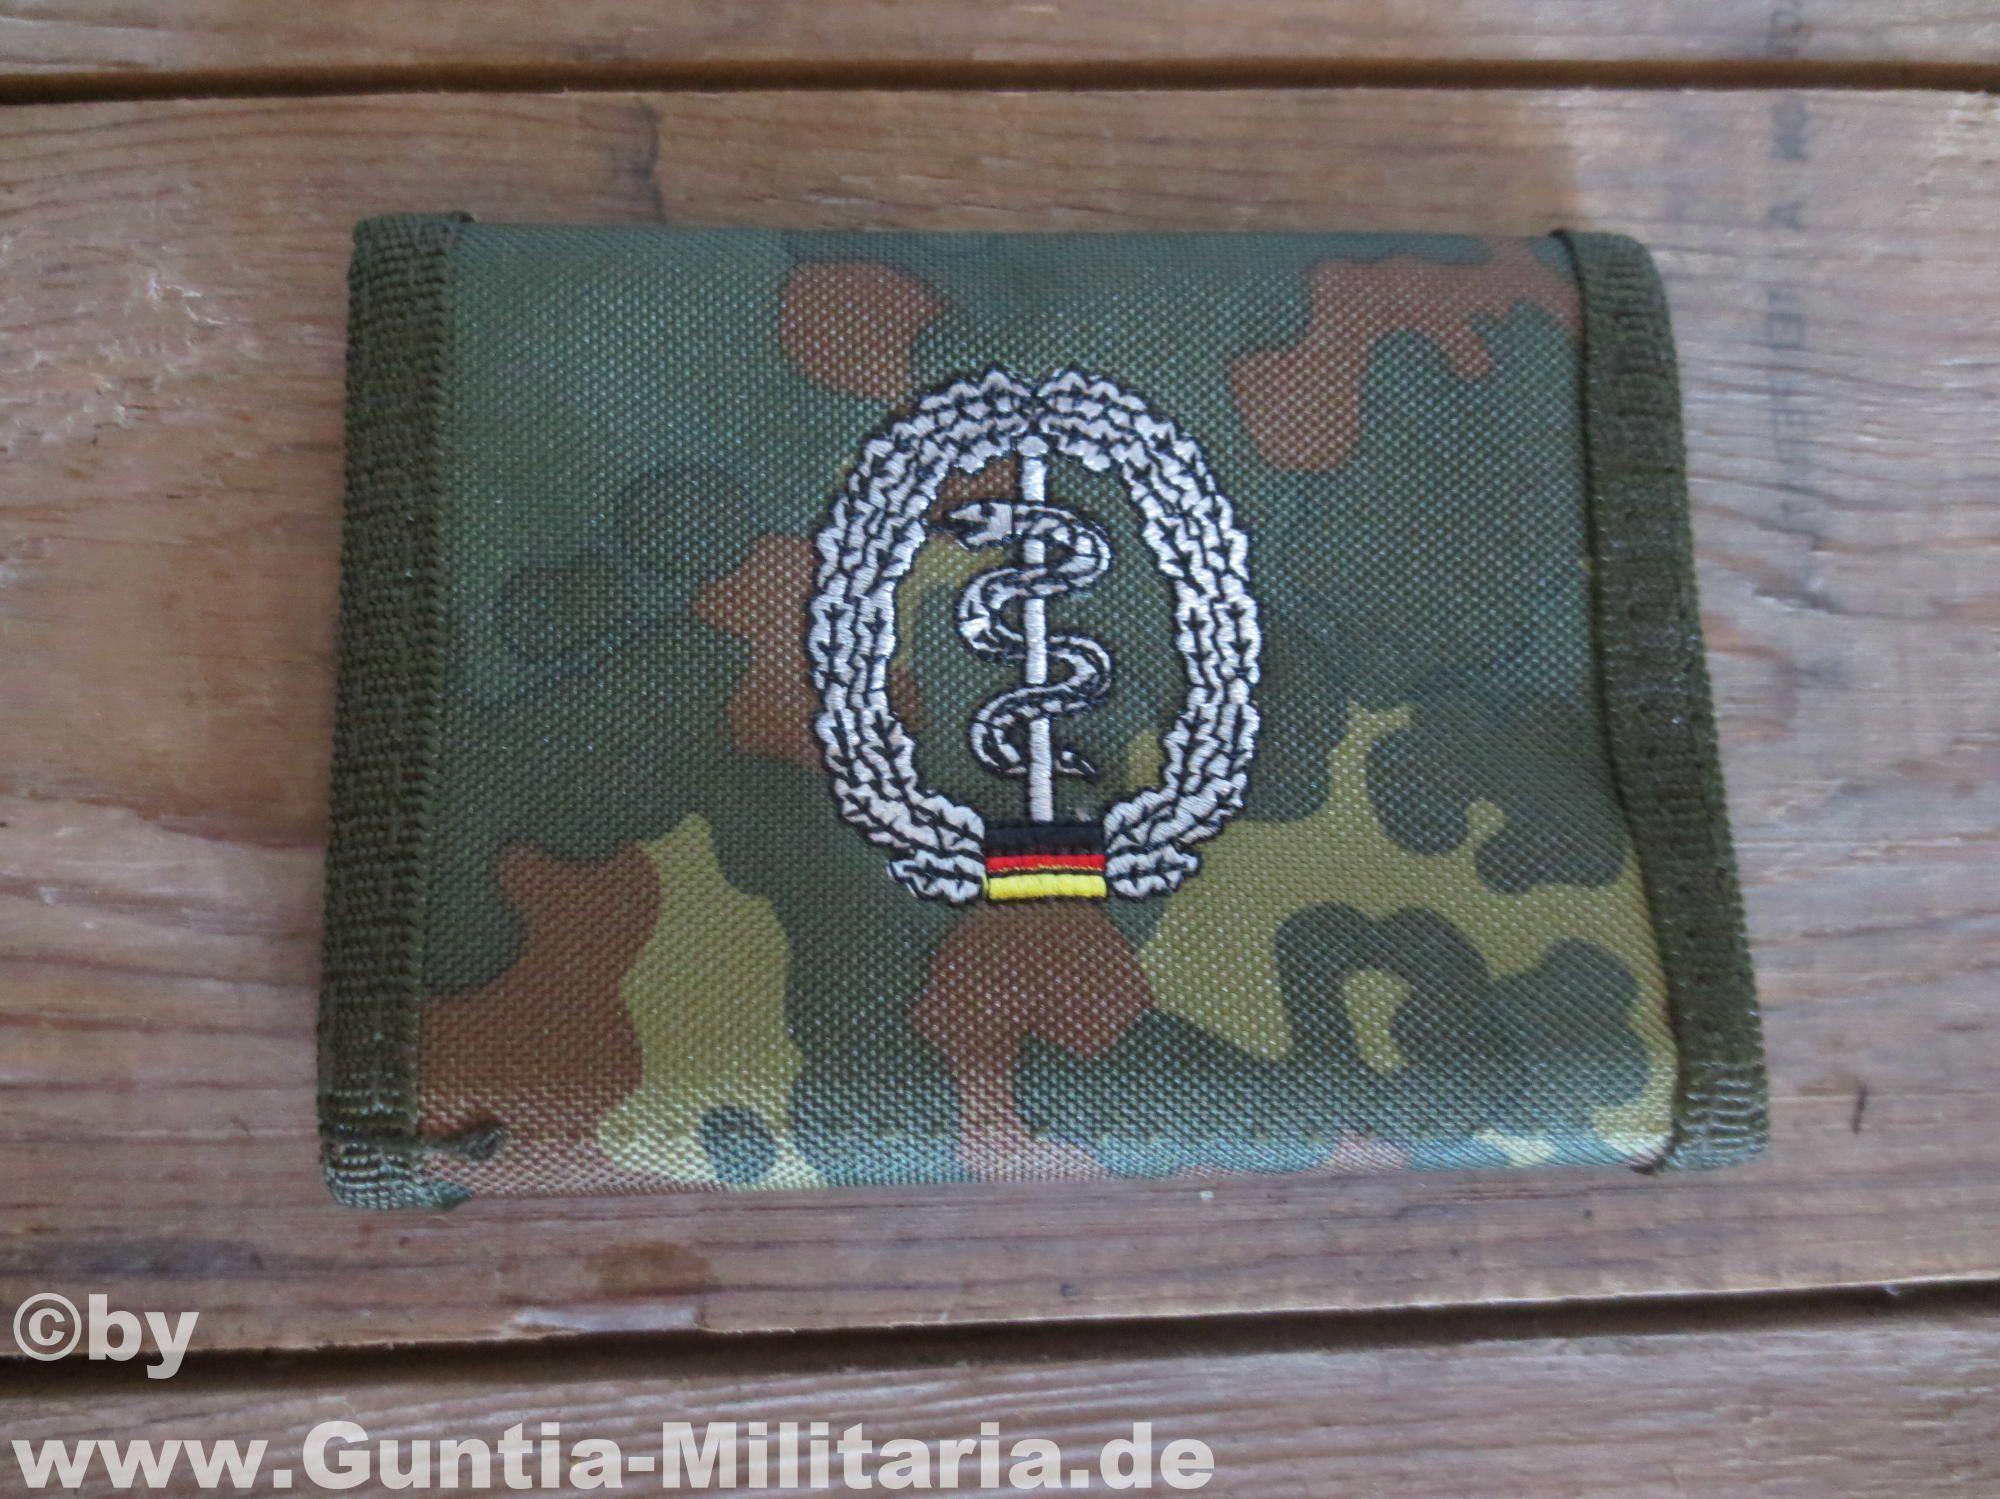 Sanitäter logo bundeswehr  BW Geldbörse, flecktarn, Sanitäter | Bundeswehr Geldbörsen in ...